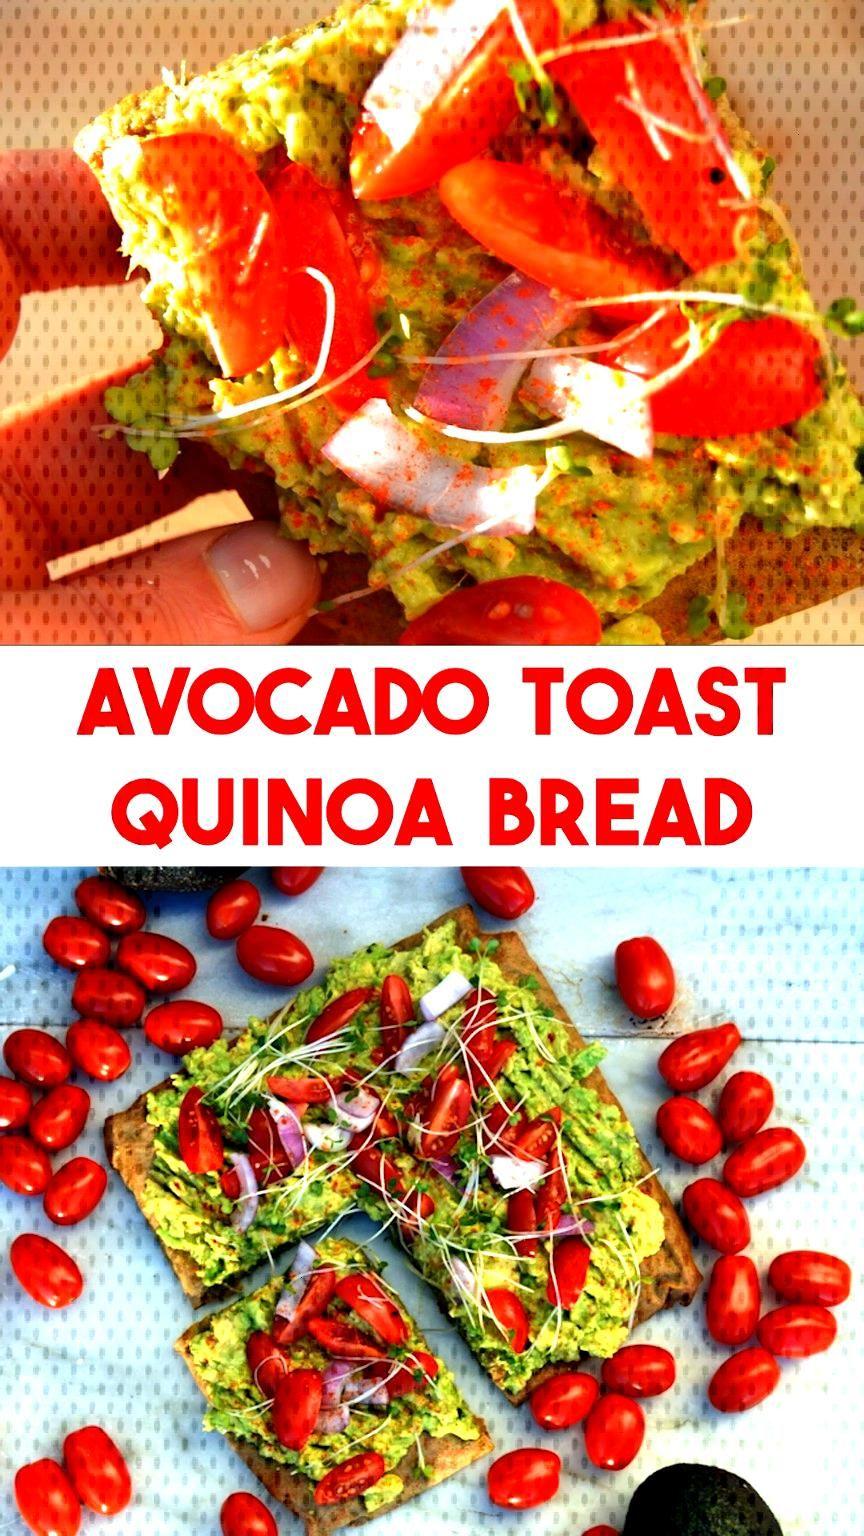 Avocado Toast on Quinoa Bread - Quinoa Bread Avocado Toast – easy to make naturally gluten free